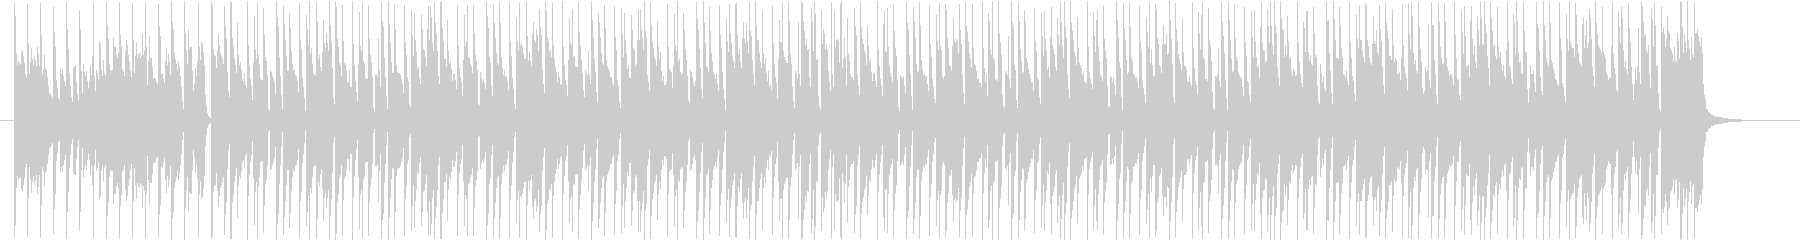 シンプルでかっこいいピアノポップスの未再生の波形